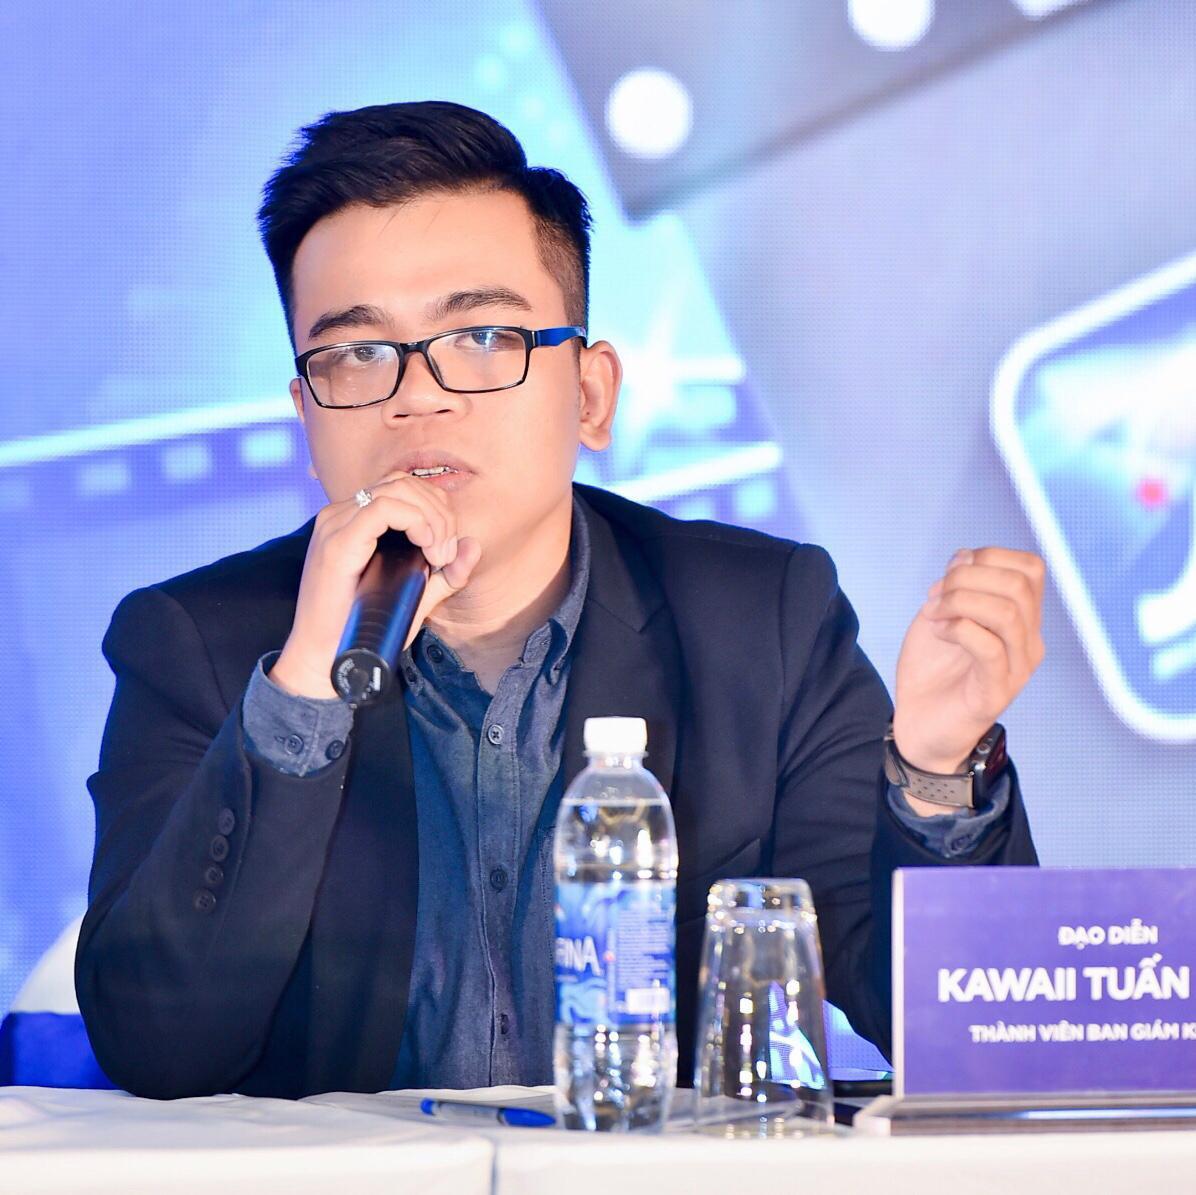 3 lời nhắn nhủ của đạo diễn Kawaii Tuấn Anh đến các thế hệ học viên Arena tương lai - Ảnh 4.